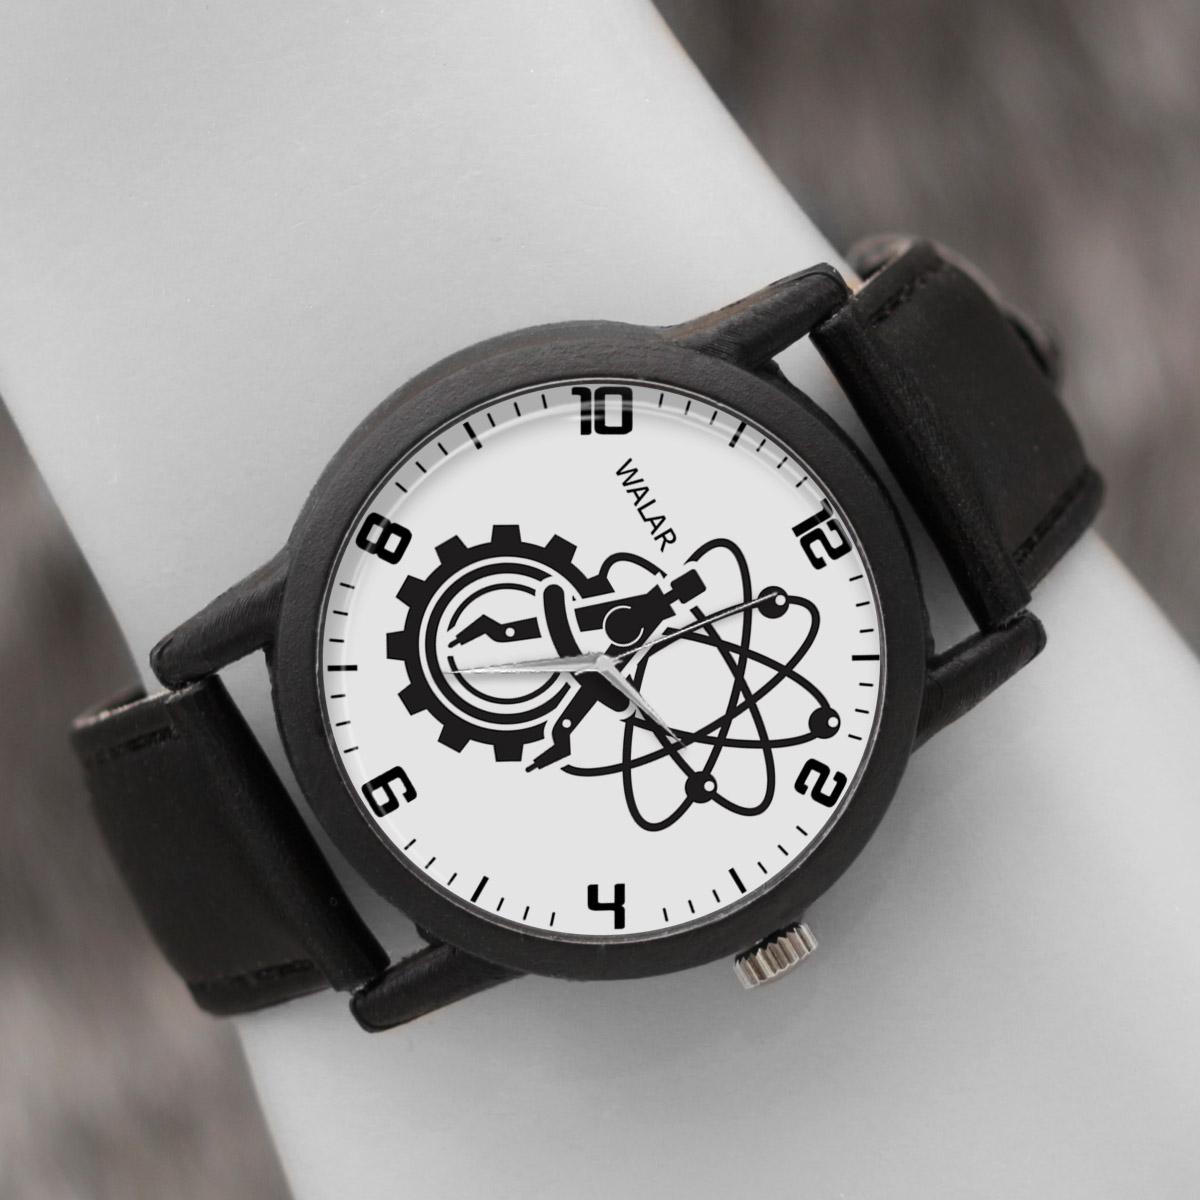 ساعت مچی عقربه ای والار طرح مهندسی مکانیک کد LF2584              ارزان